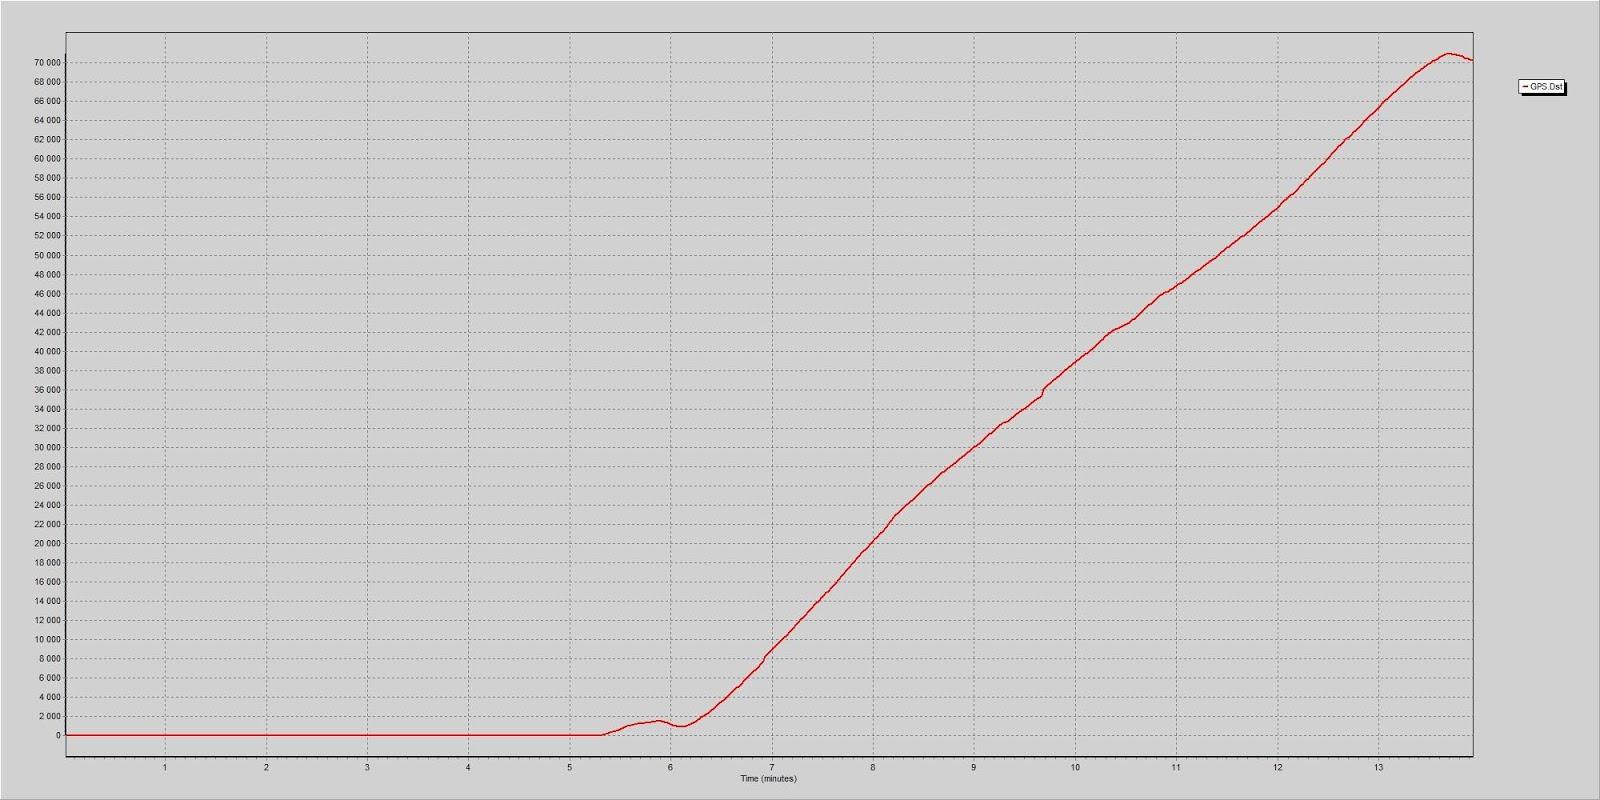 Сравнение стоимости vdi: локальное решение против публичного облака / блог компании dell technologies / хабр